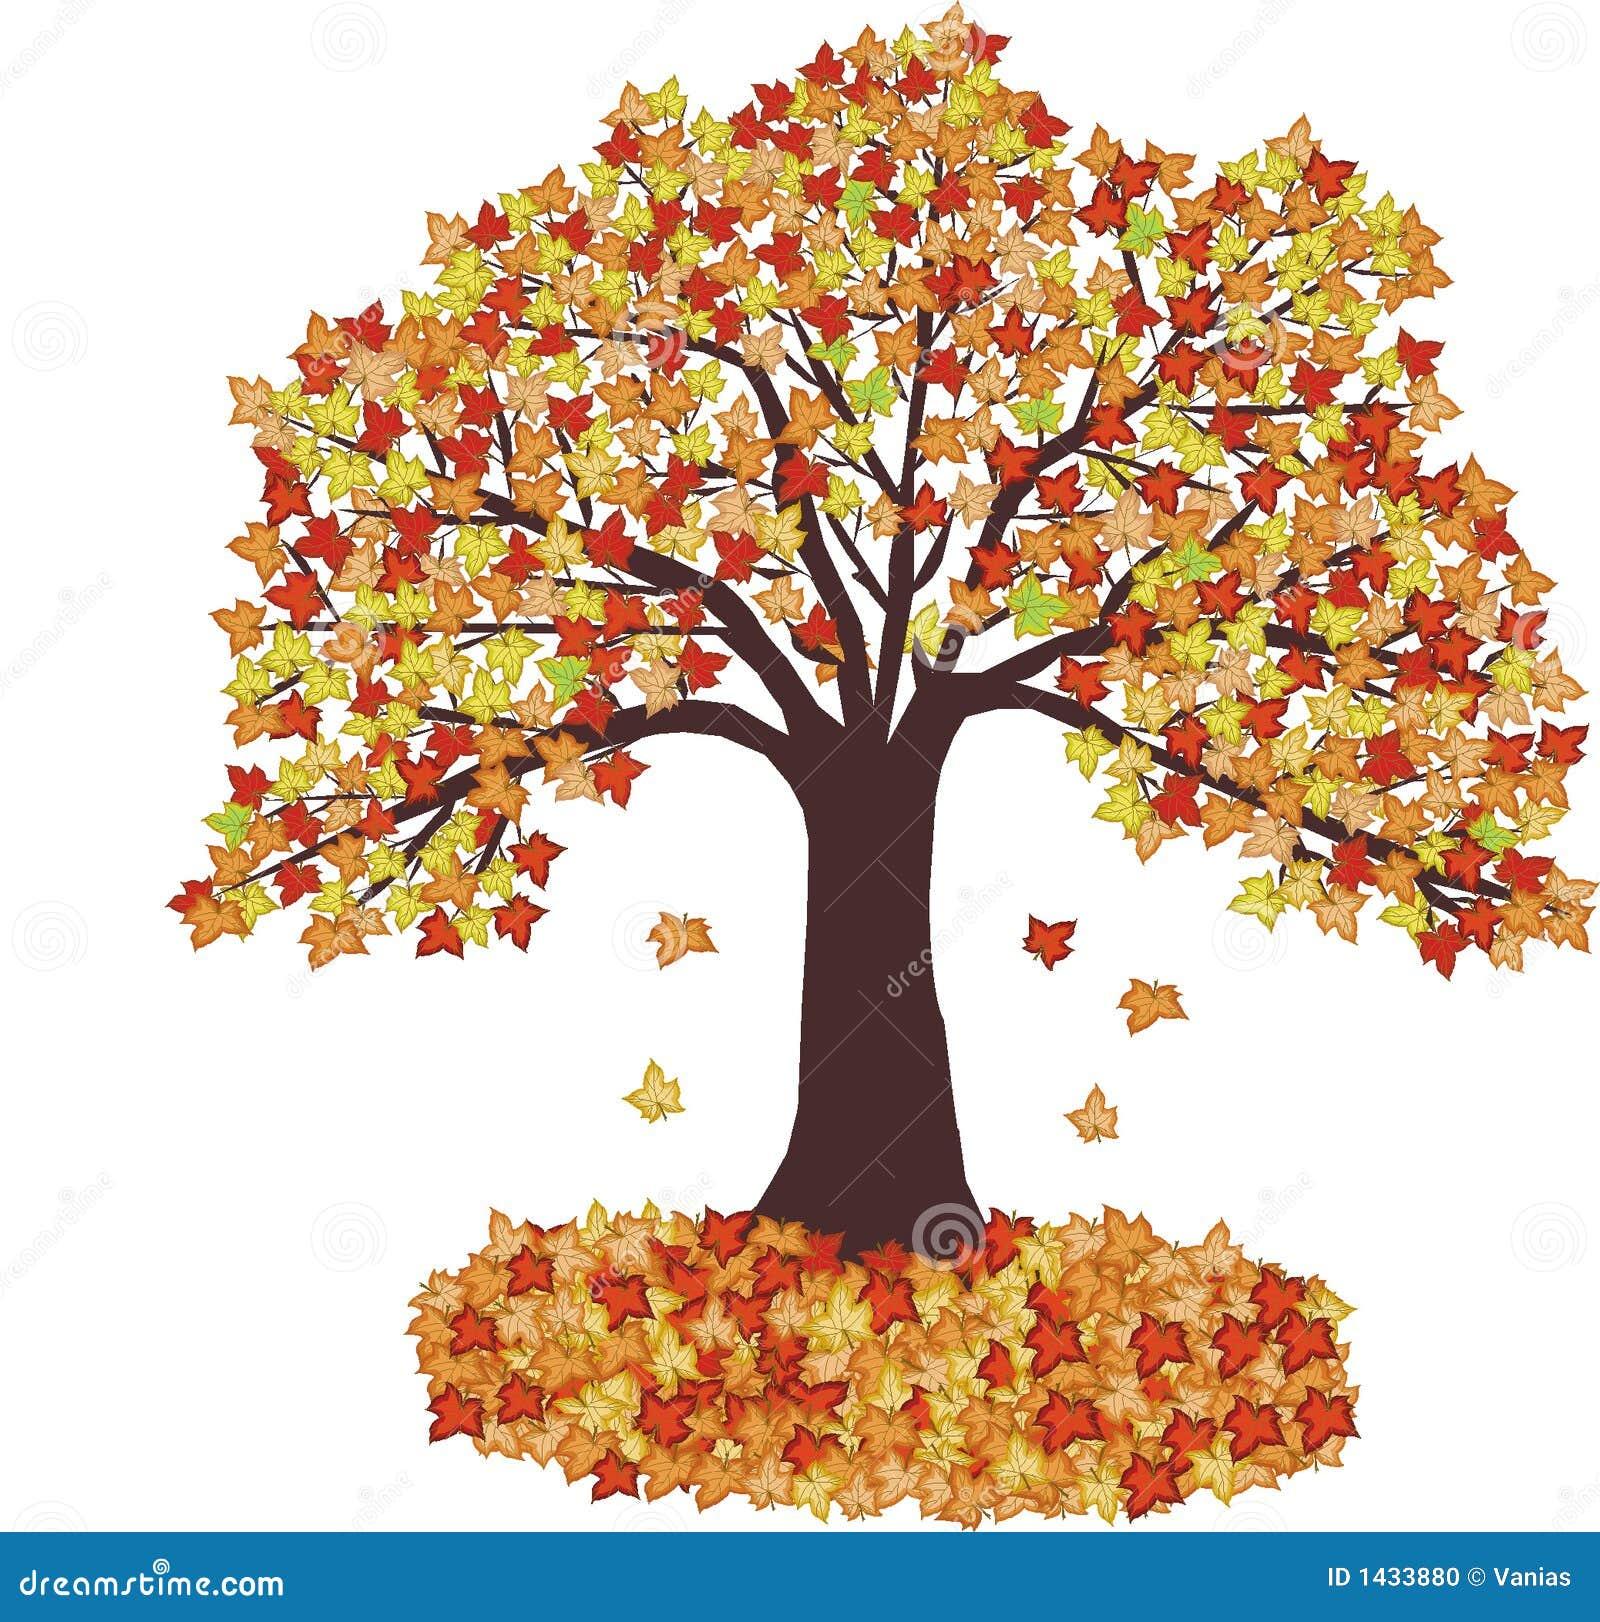 HerbstBlätter Und Baum  Vektor Stockfoto  Bild 1433880